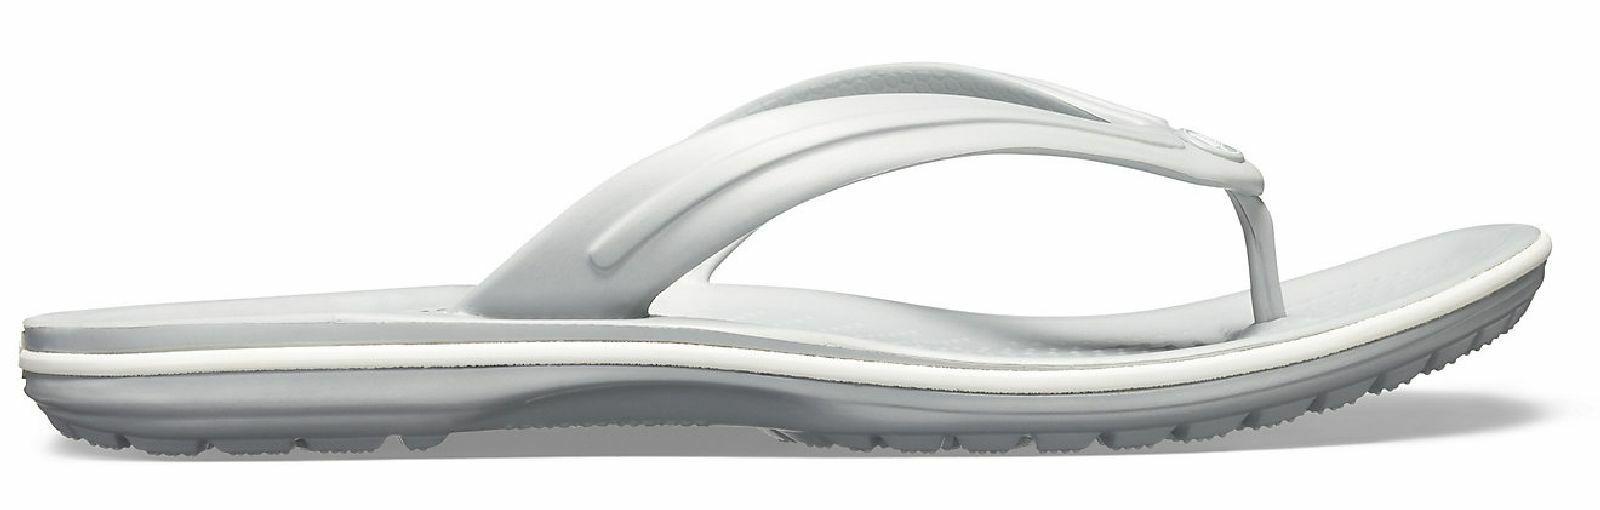 Badeschuhe Flip Flop Damen Crocs Test Vergleich +++